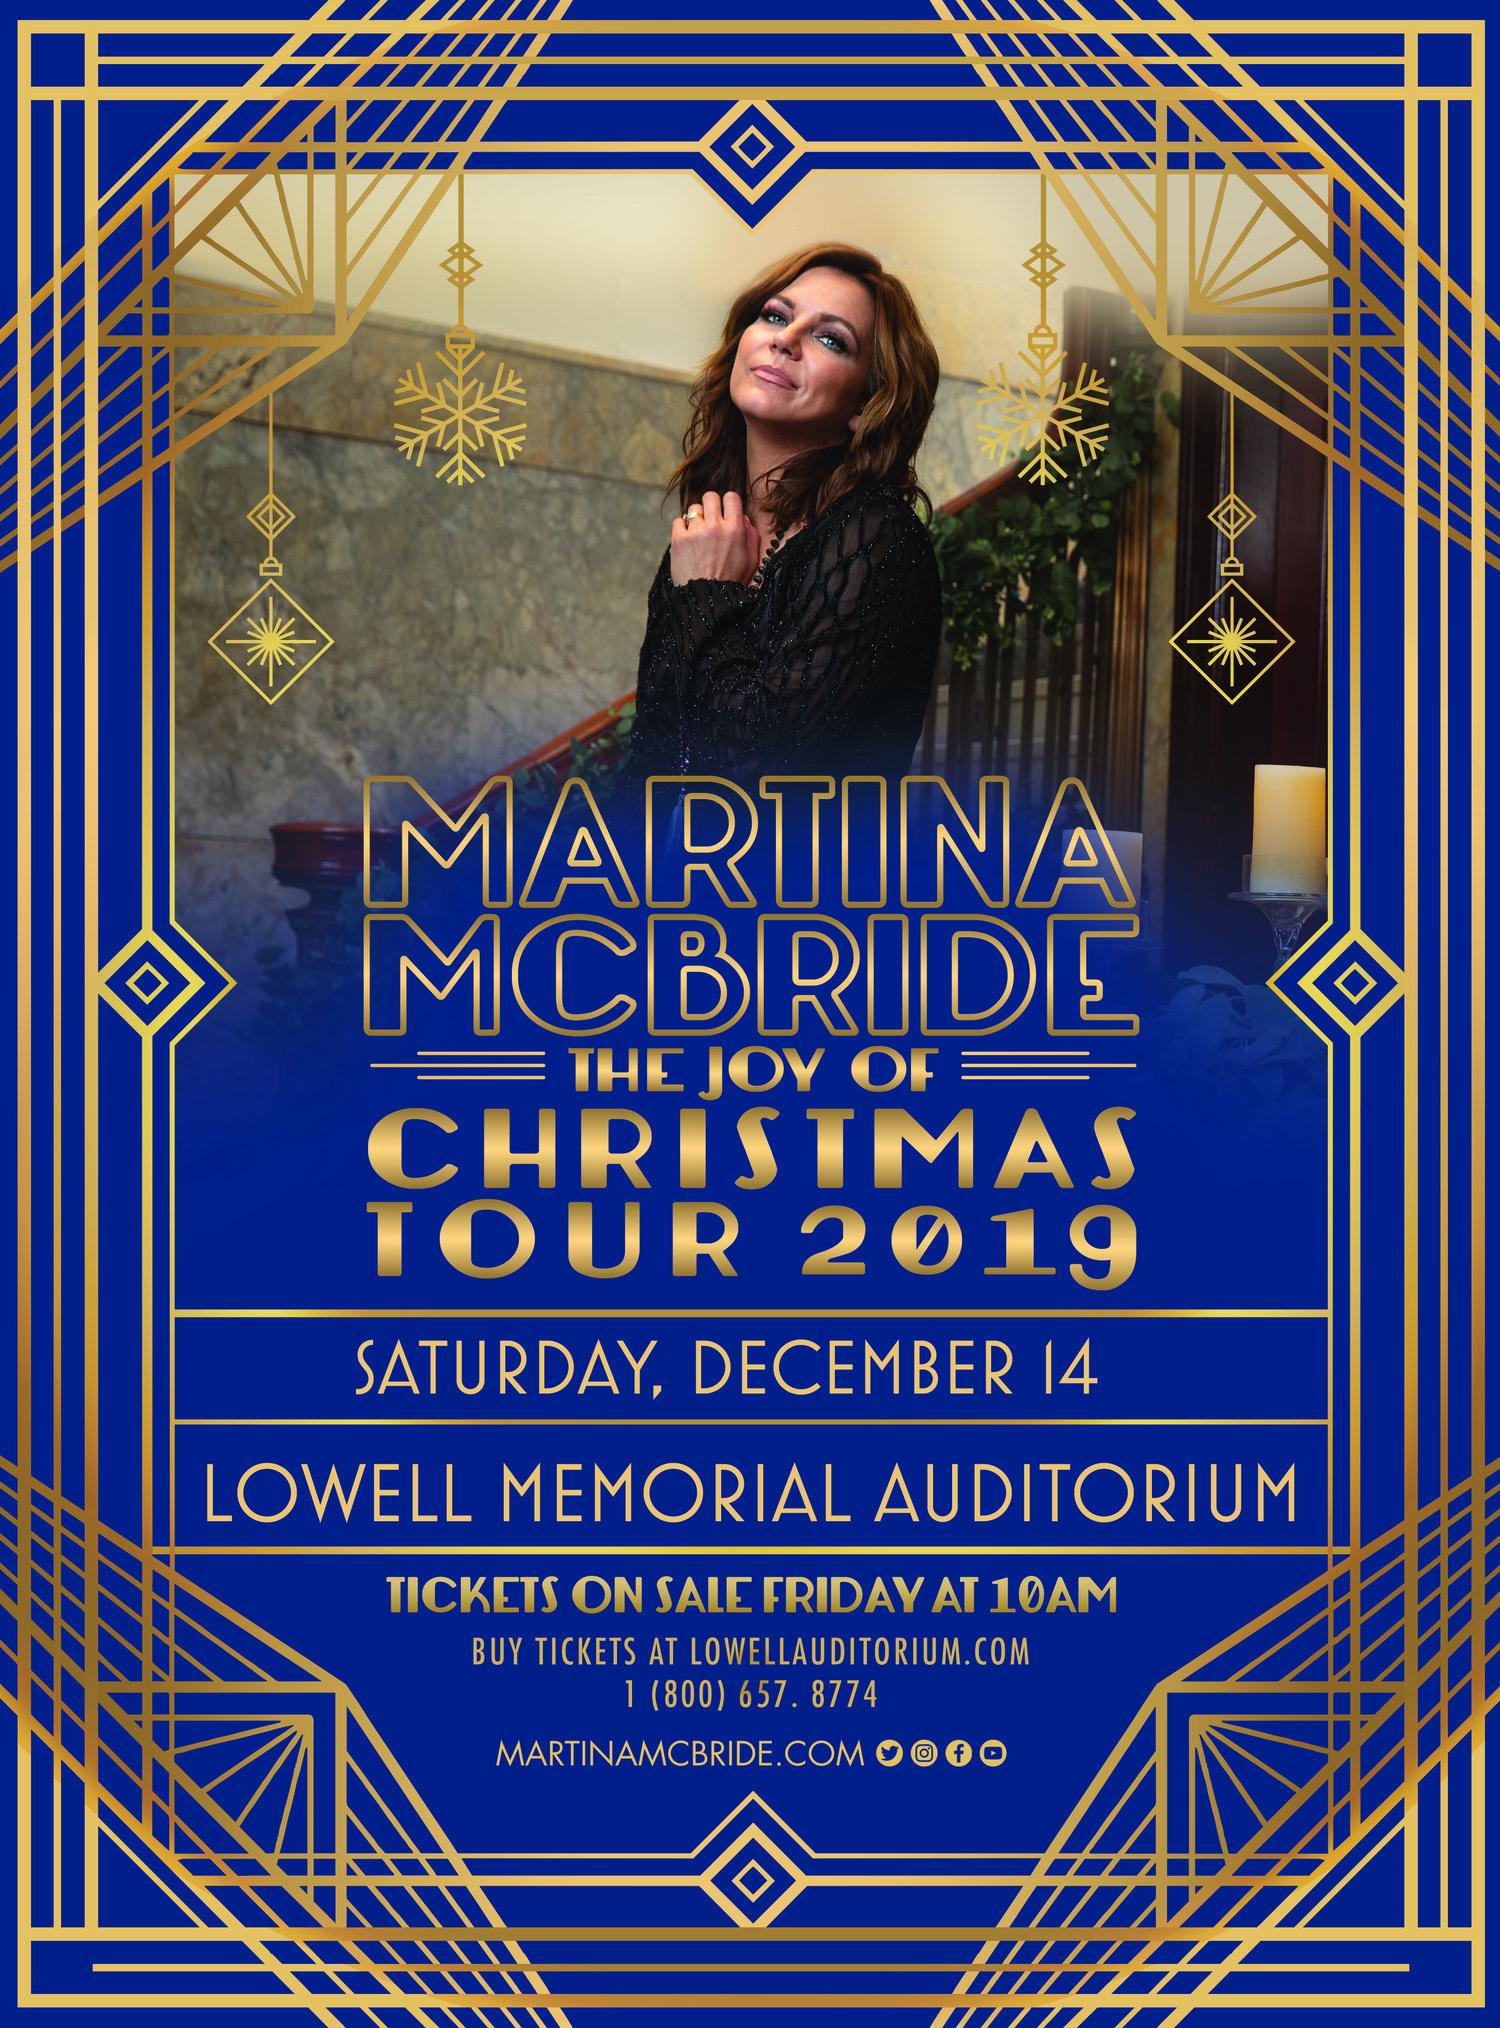 Martina Mcbride: The Joy Of Christmas 2020, December 7 Martina McBride: The Joy of Christmas 2019 — Lowell Memorial